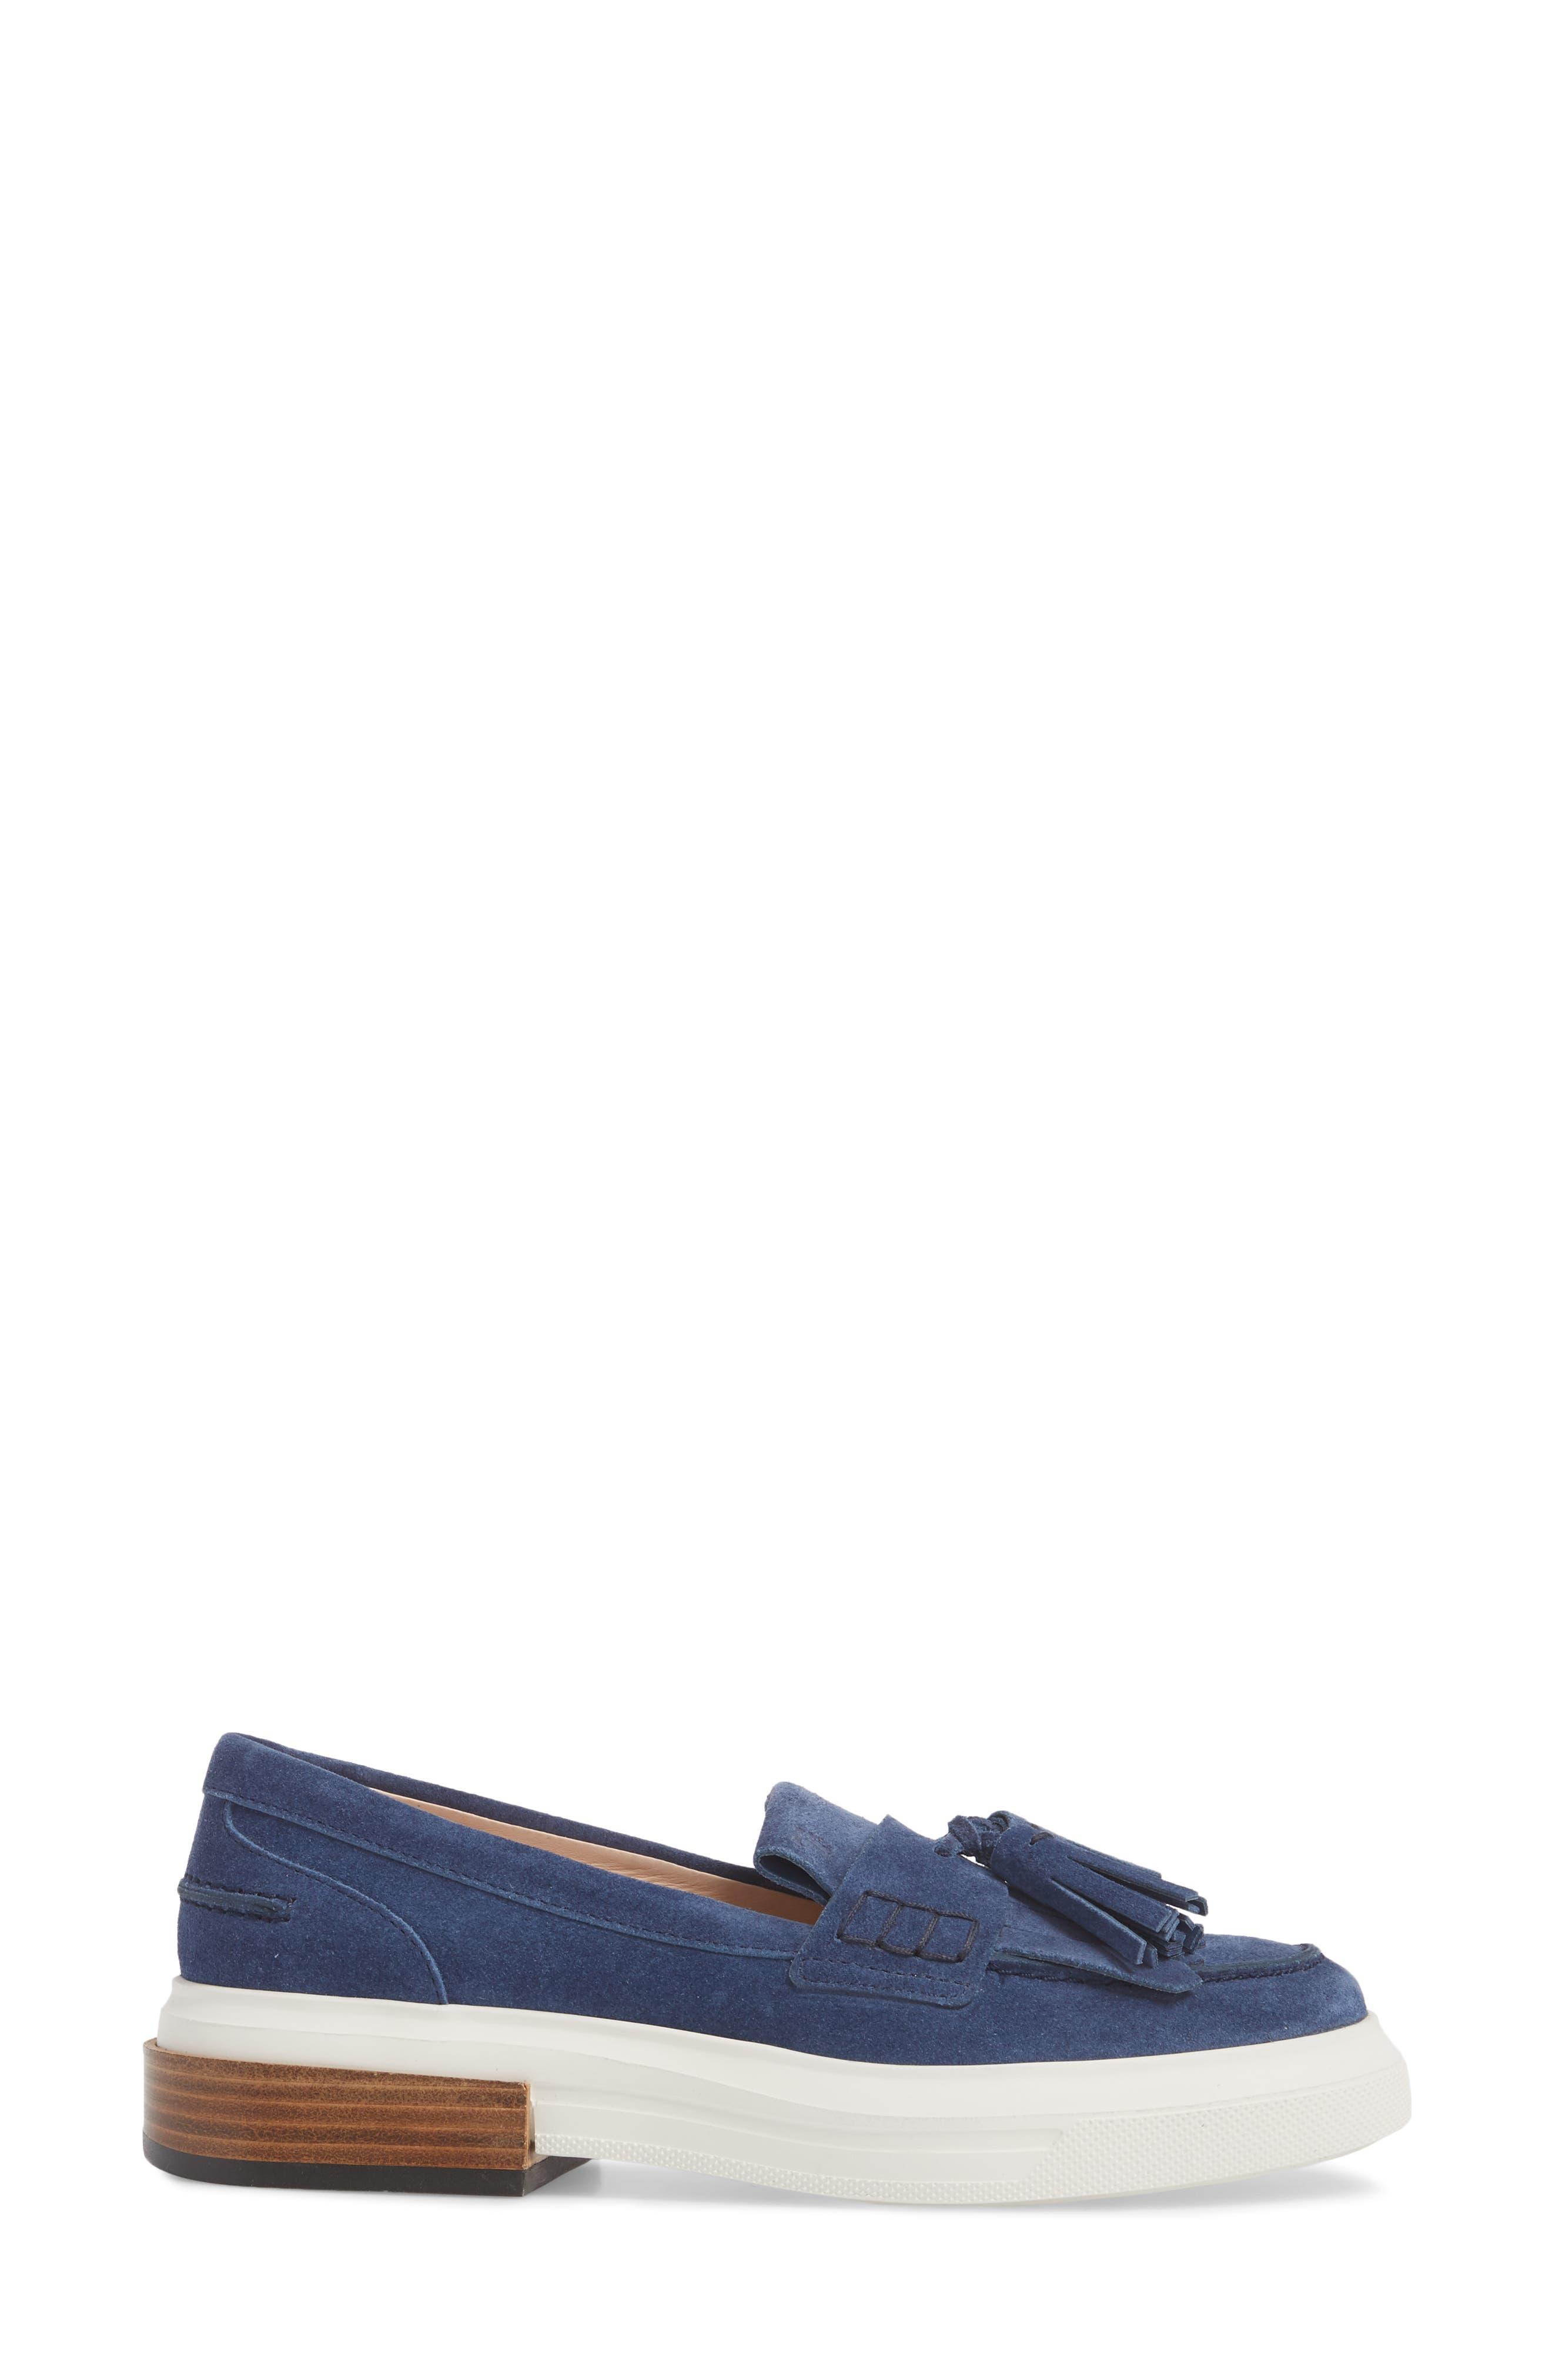 Alternate Image 3  - Tod's Hybrid Loafer (Women)